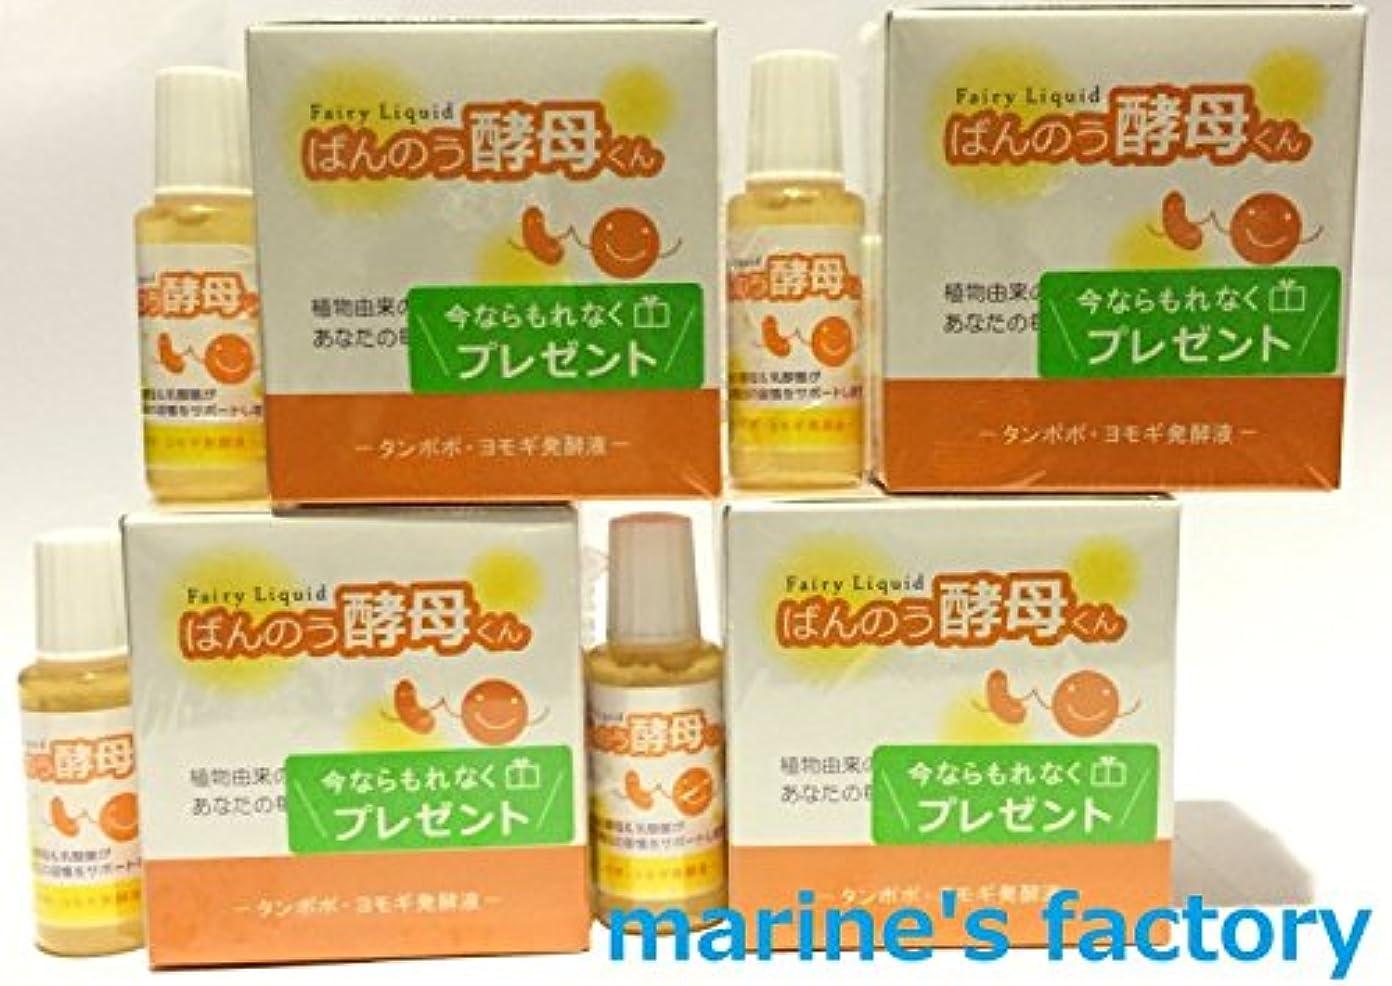 リーズパイプラインバルーン4箱 (計28本) アーデンモア ばんのう酵母くん ホットAセット